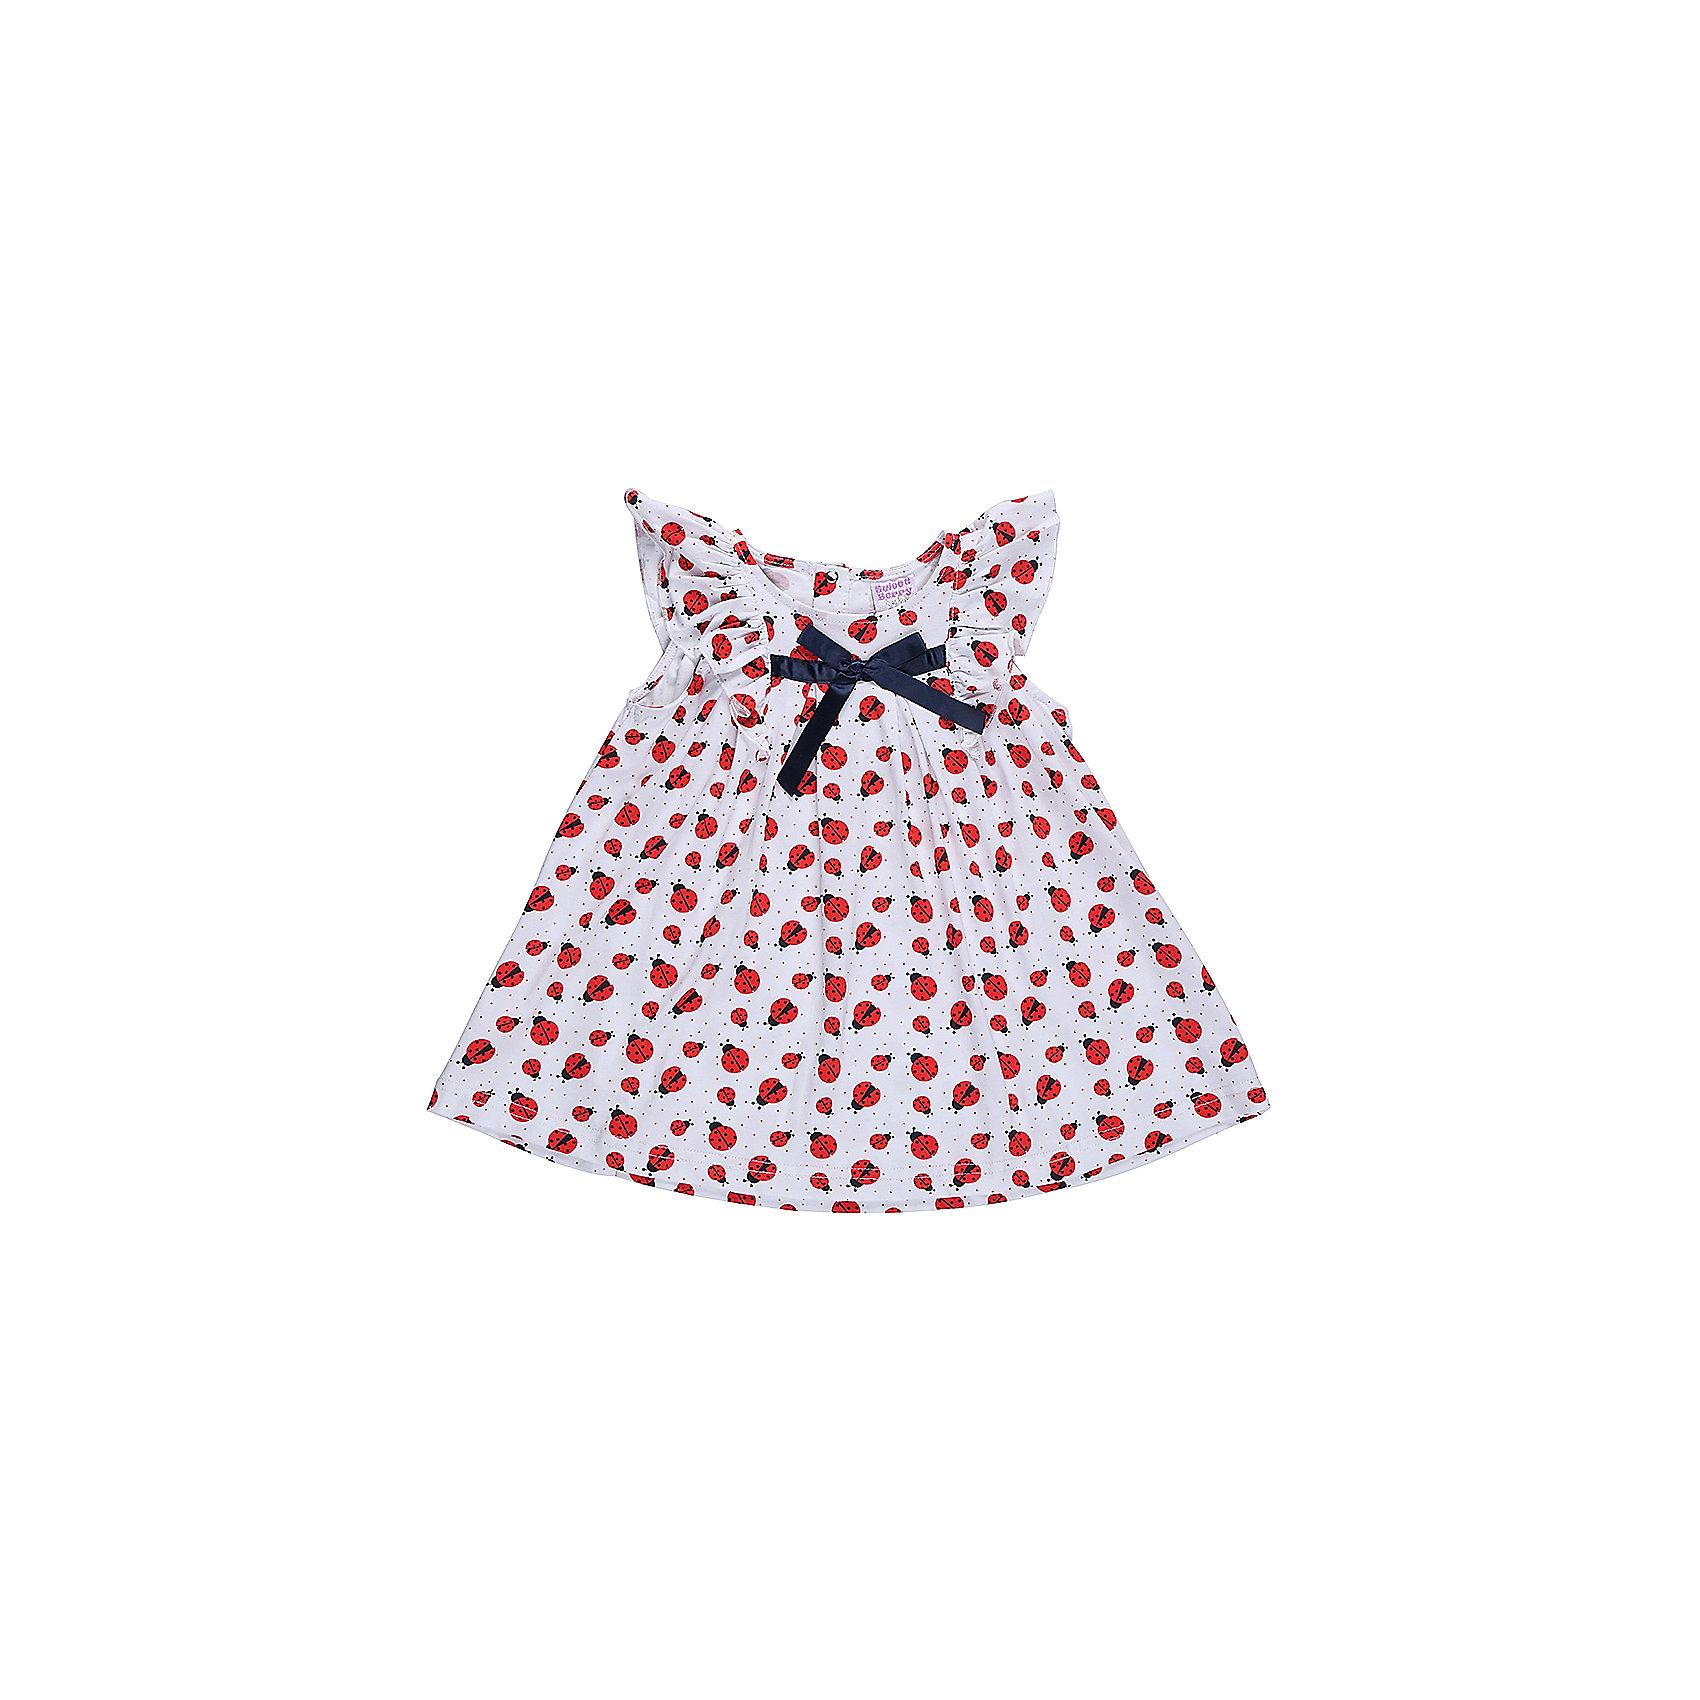 Футболка для девочки Sweet BerryФутболки, поло и топы<br>Хлопковое платье для девочки. Оригинальная принтованная ткань. Свободный крой.<br>Состав:<br>95%хлопок 5%эластан<br><br>Ширина мм: 199<br>Глубина мм: 10<br>Высота мм: 161<br>Вес г: 151<br>Цвет: разноцветный<br>Возраст от месяцев: 12<br>Возраст до месяцев: 15<br>Пол: Женский<br>Возраст: Детский<br>Размер: 80,86,92,98<br>SKU: 5411023